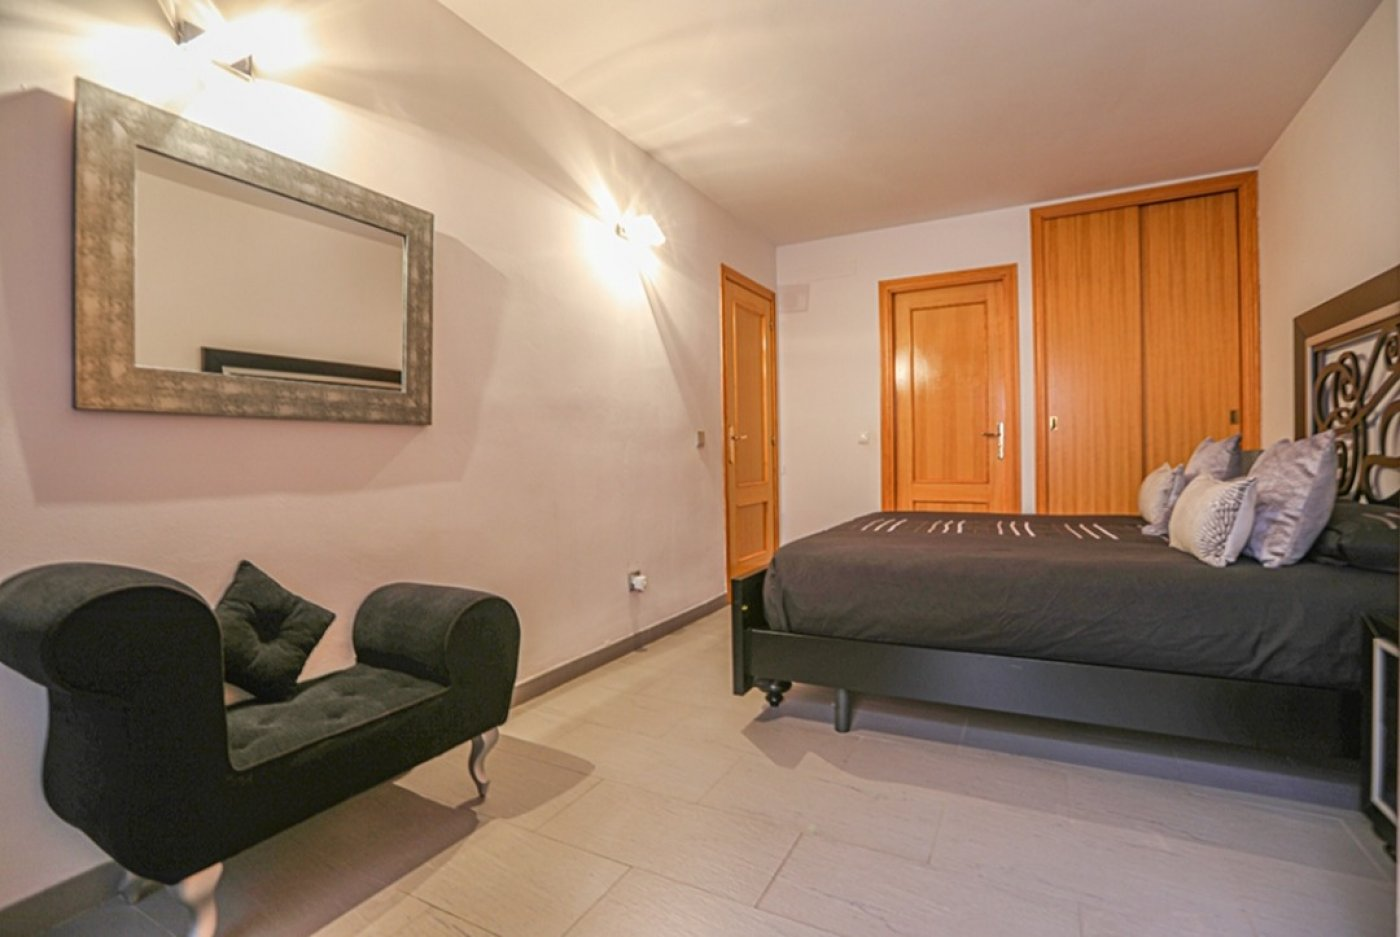 Se vende bonito apartamento semi nuevo con parking en andratx - imagenInmueble16